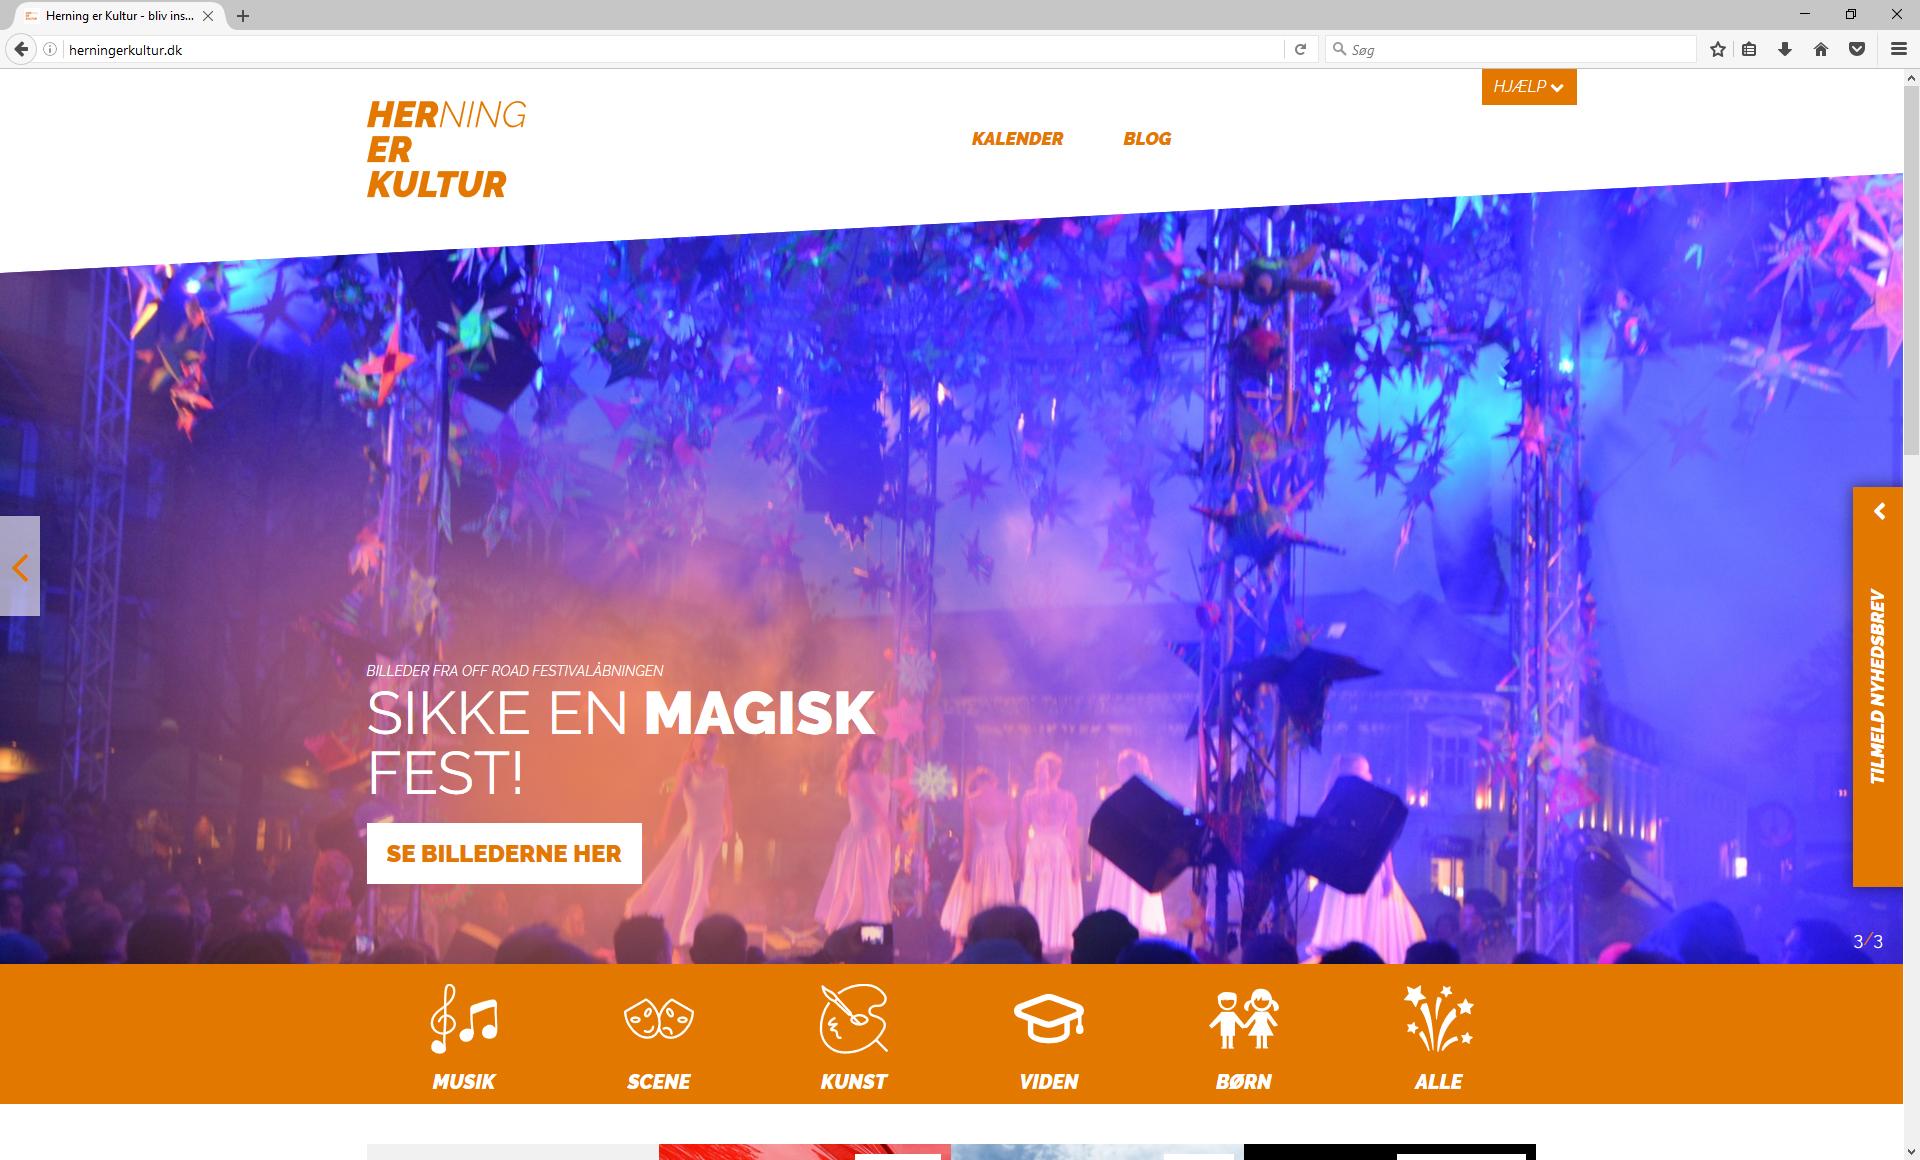 Herning er Kultur Website